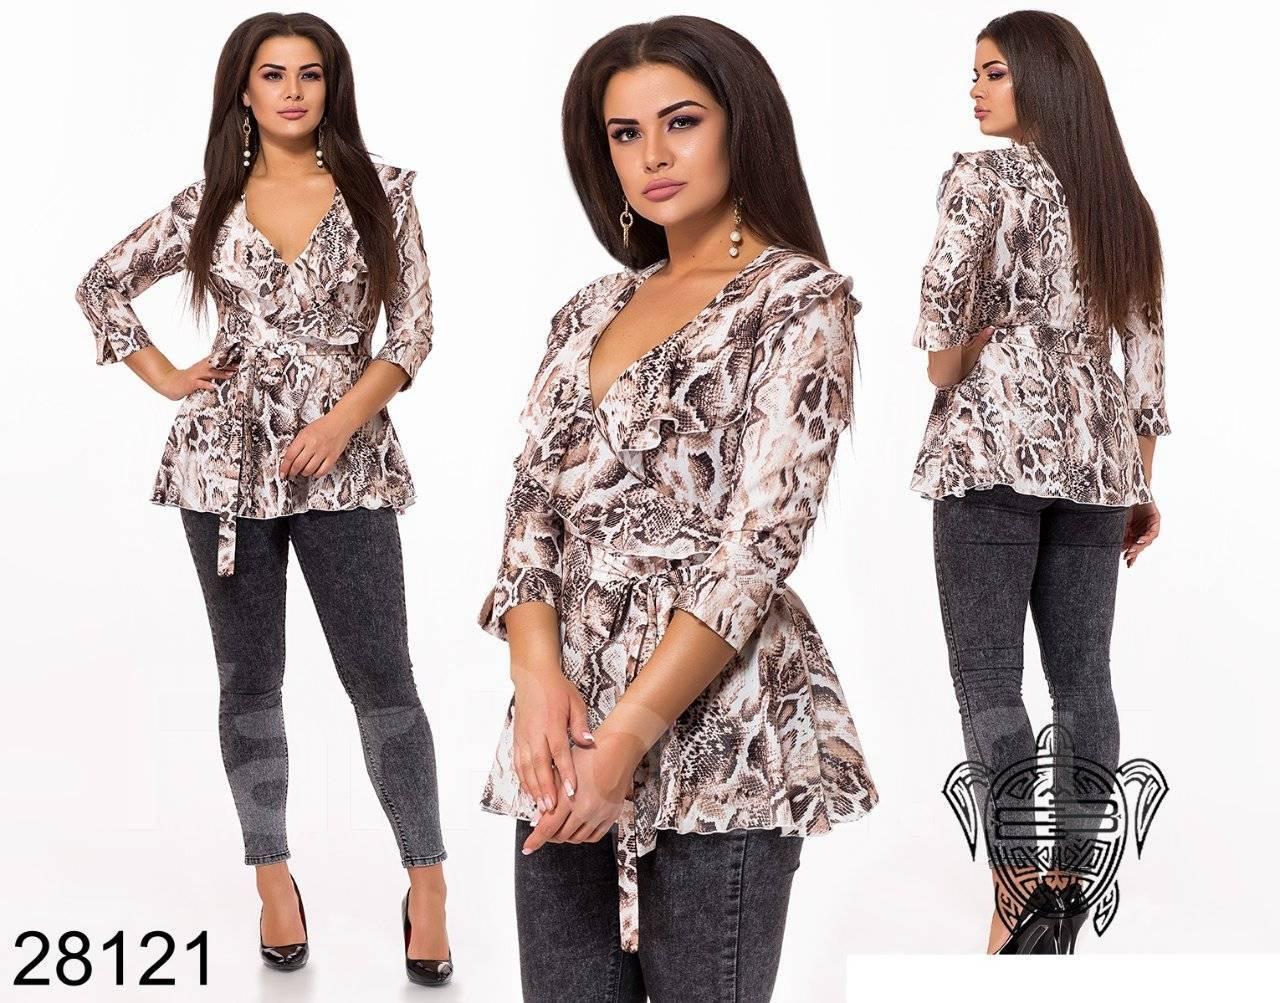 ff934f98292 Купить женские блузки и рубашки Размер  54 размера во Владивостоке! Цены.  Сезон - Демисезон.